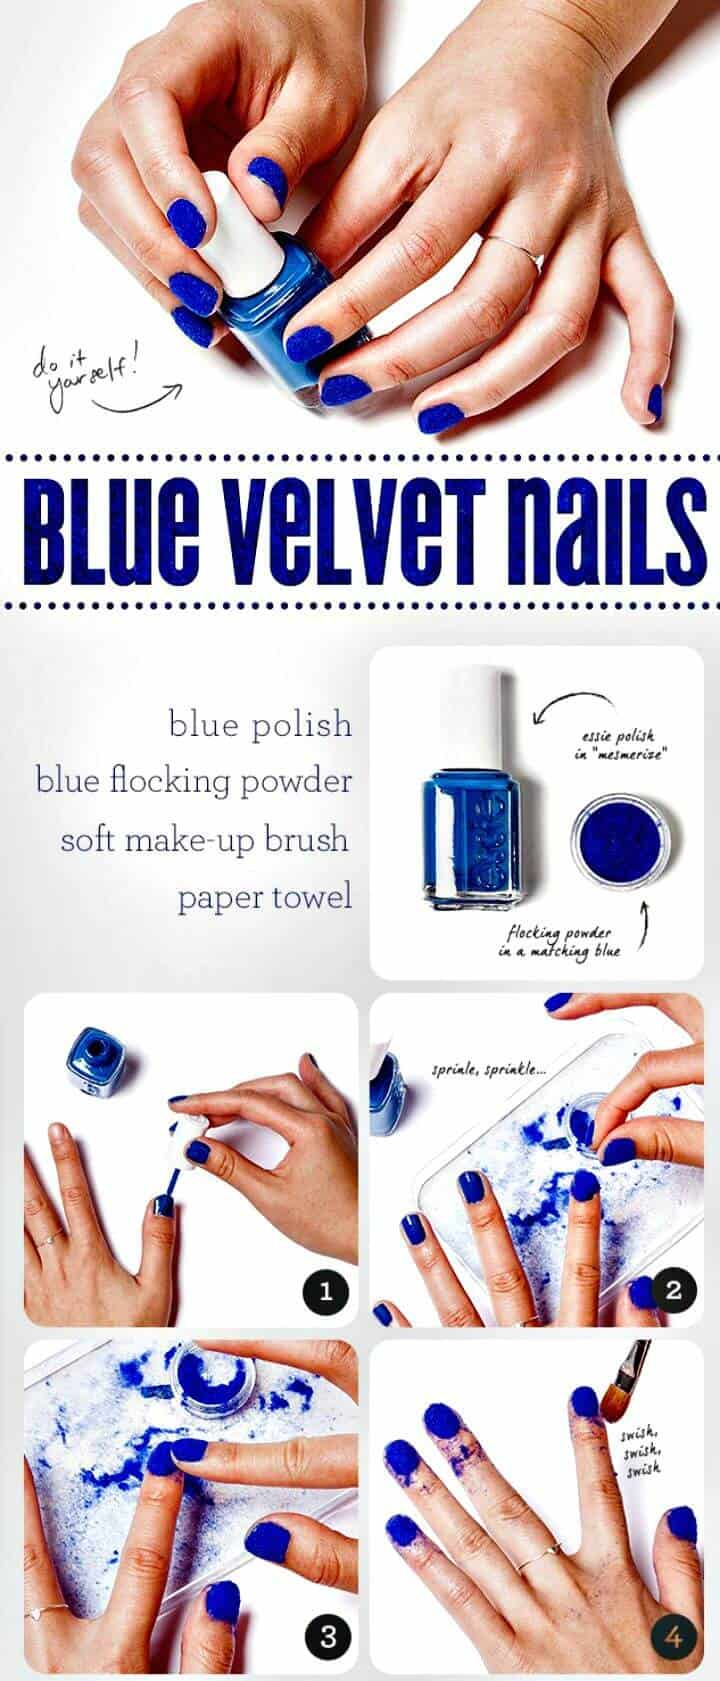 Fácil bricolaje de uñas de terciopelo azul - Tutorial de instrucciones fáciles